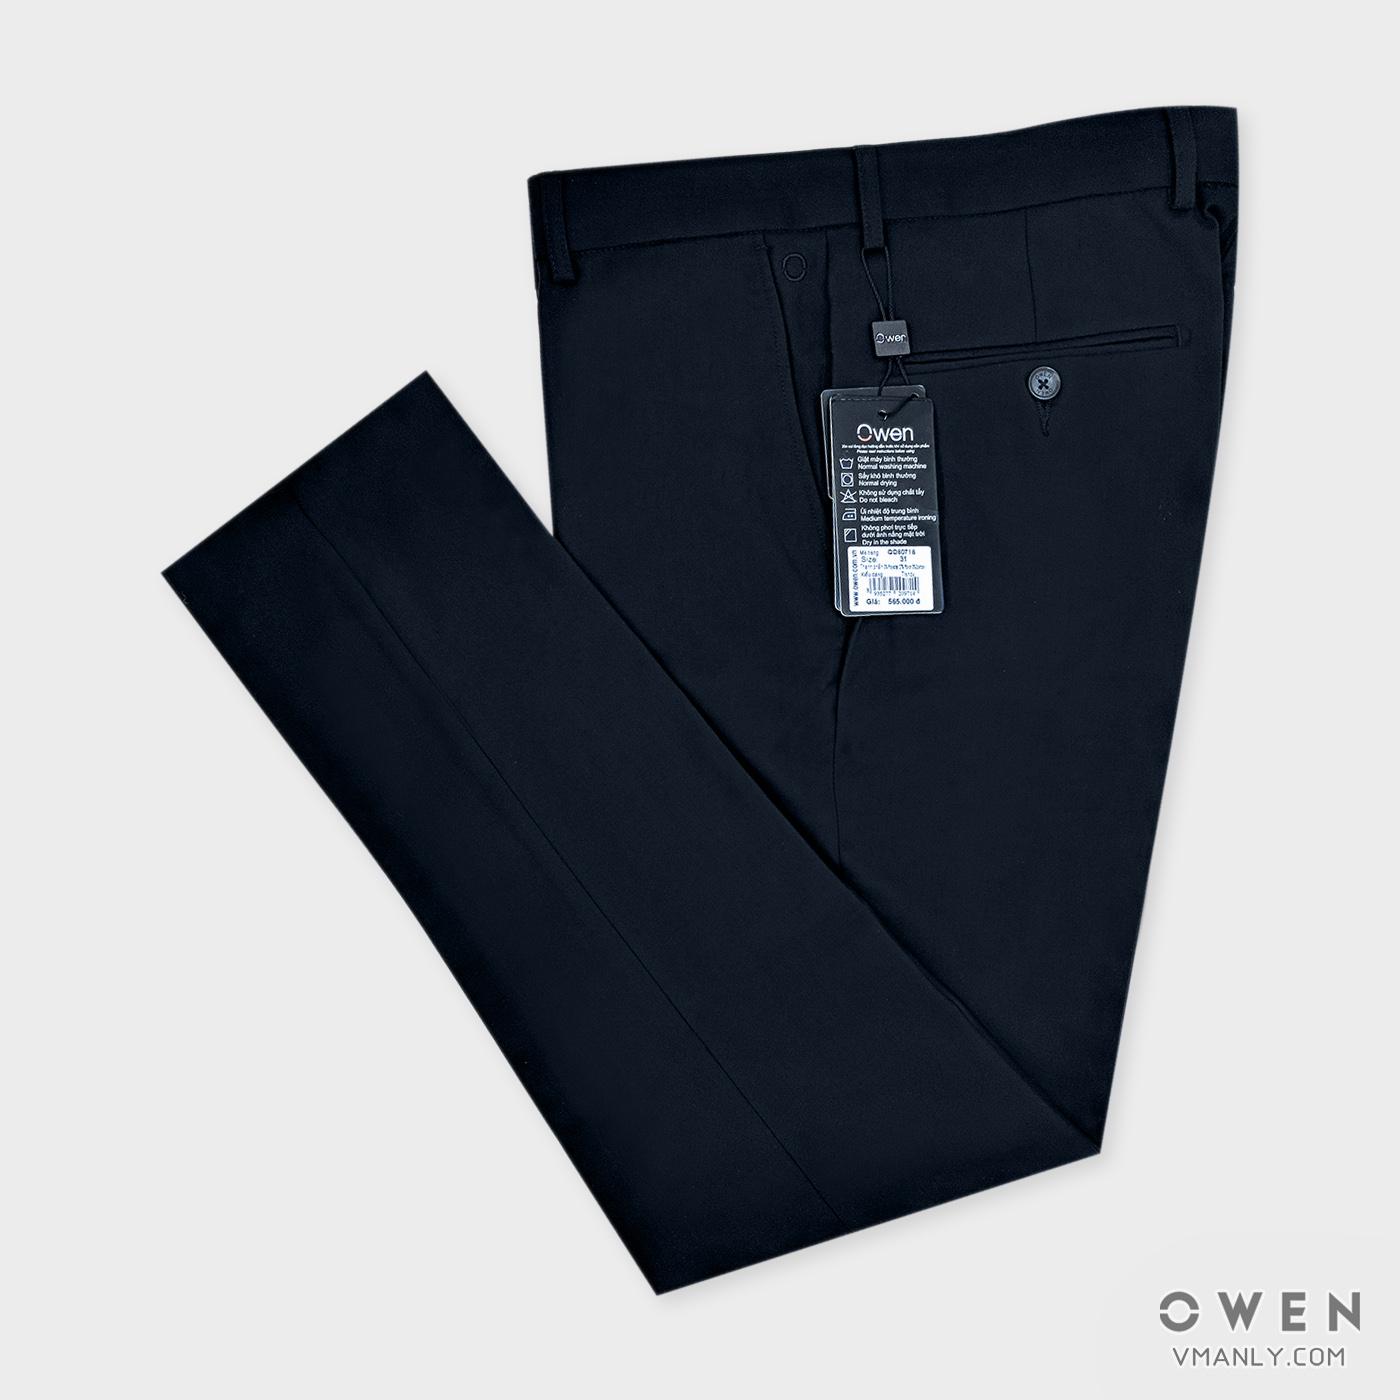 Quần tây Owen không li trendy màu tím than QD80718